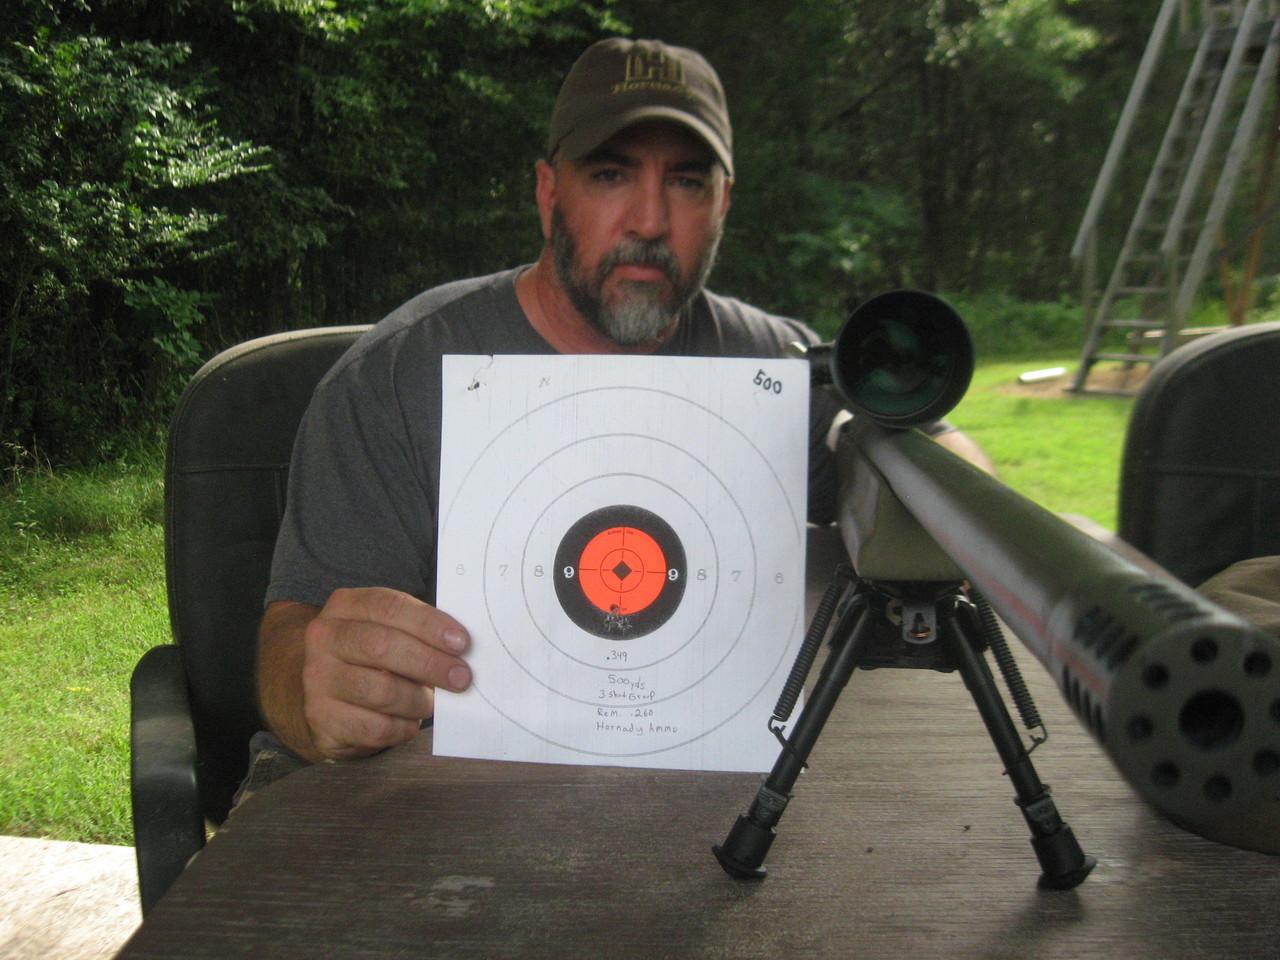 100 300 500yd rifle egg shoot